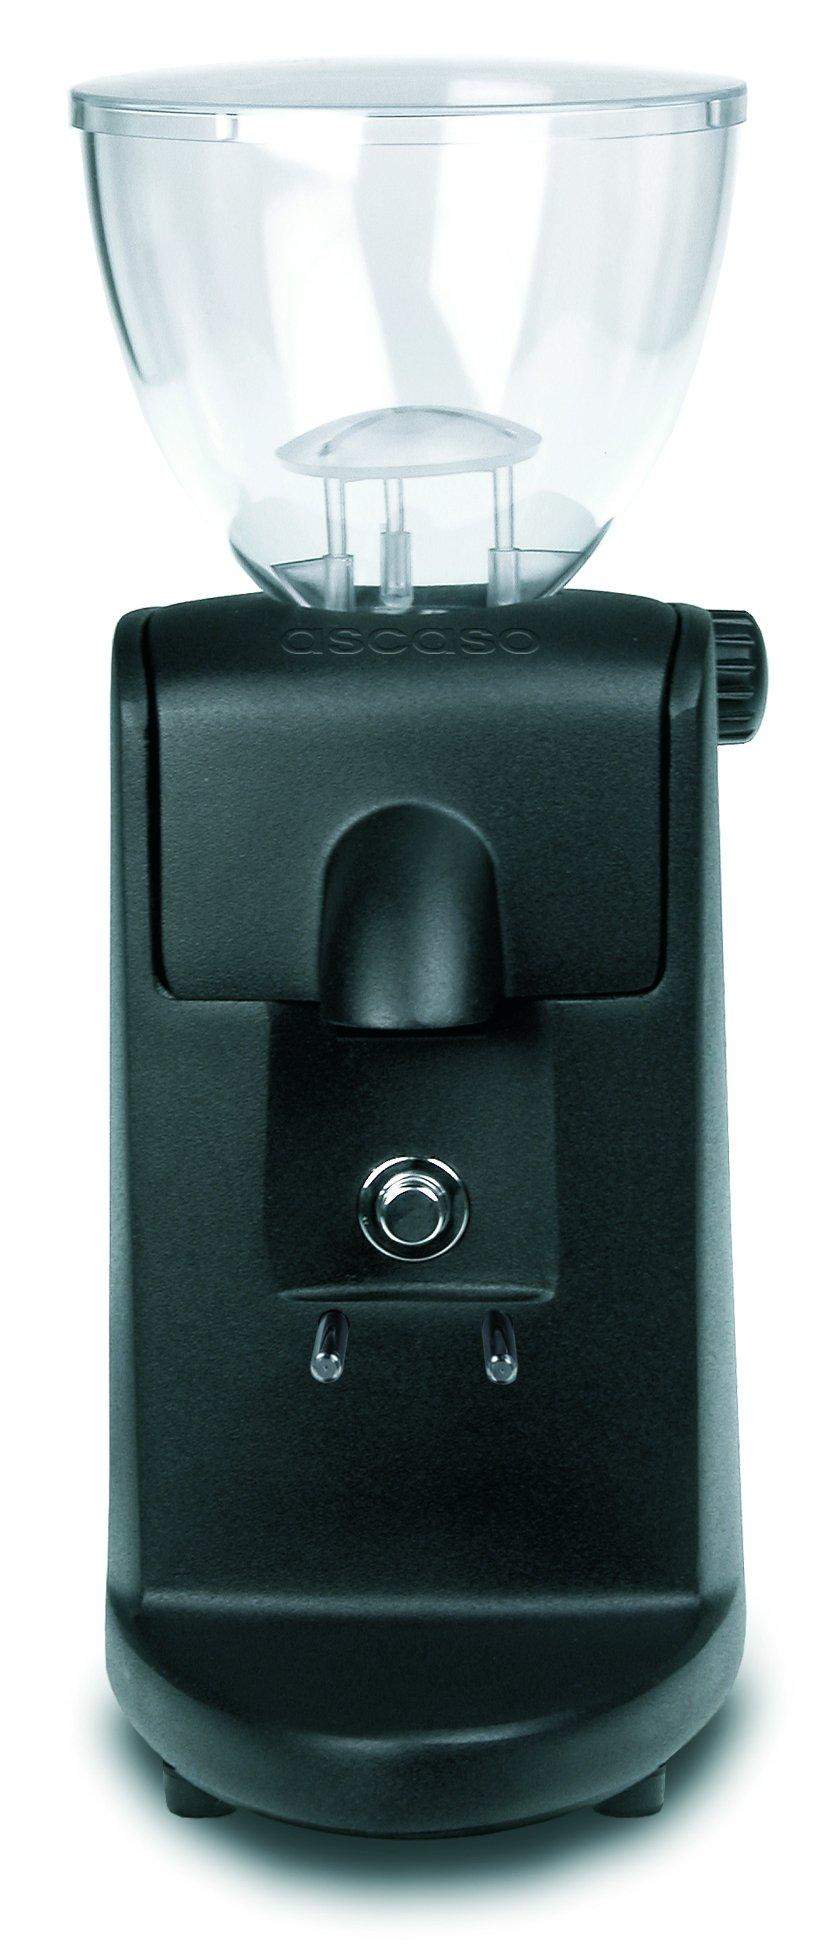 Ascaso I-Mini I1 Flat Burr Espresso Coffee Grinder - No Doser - Black